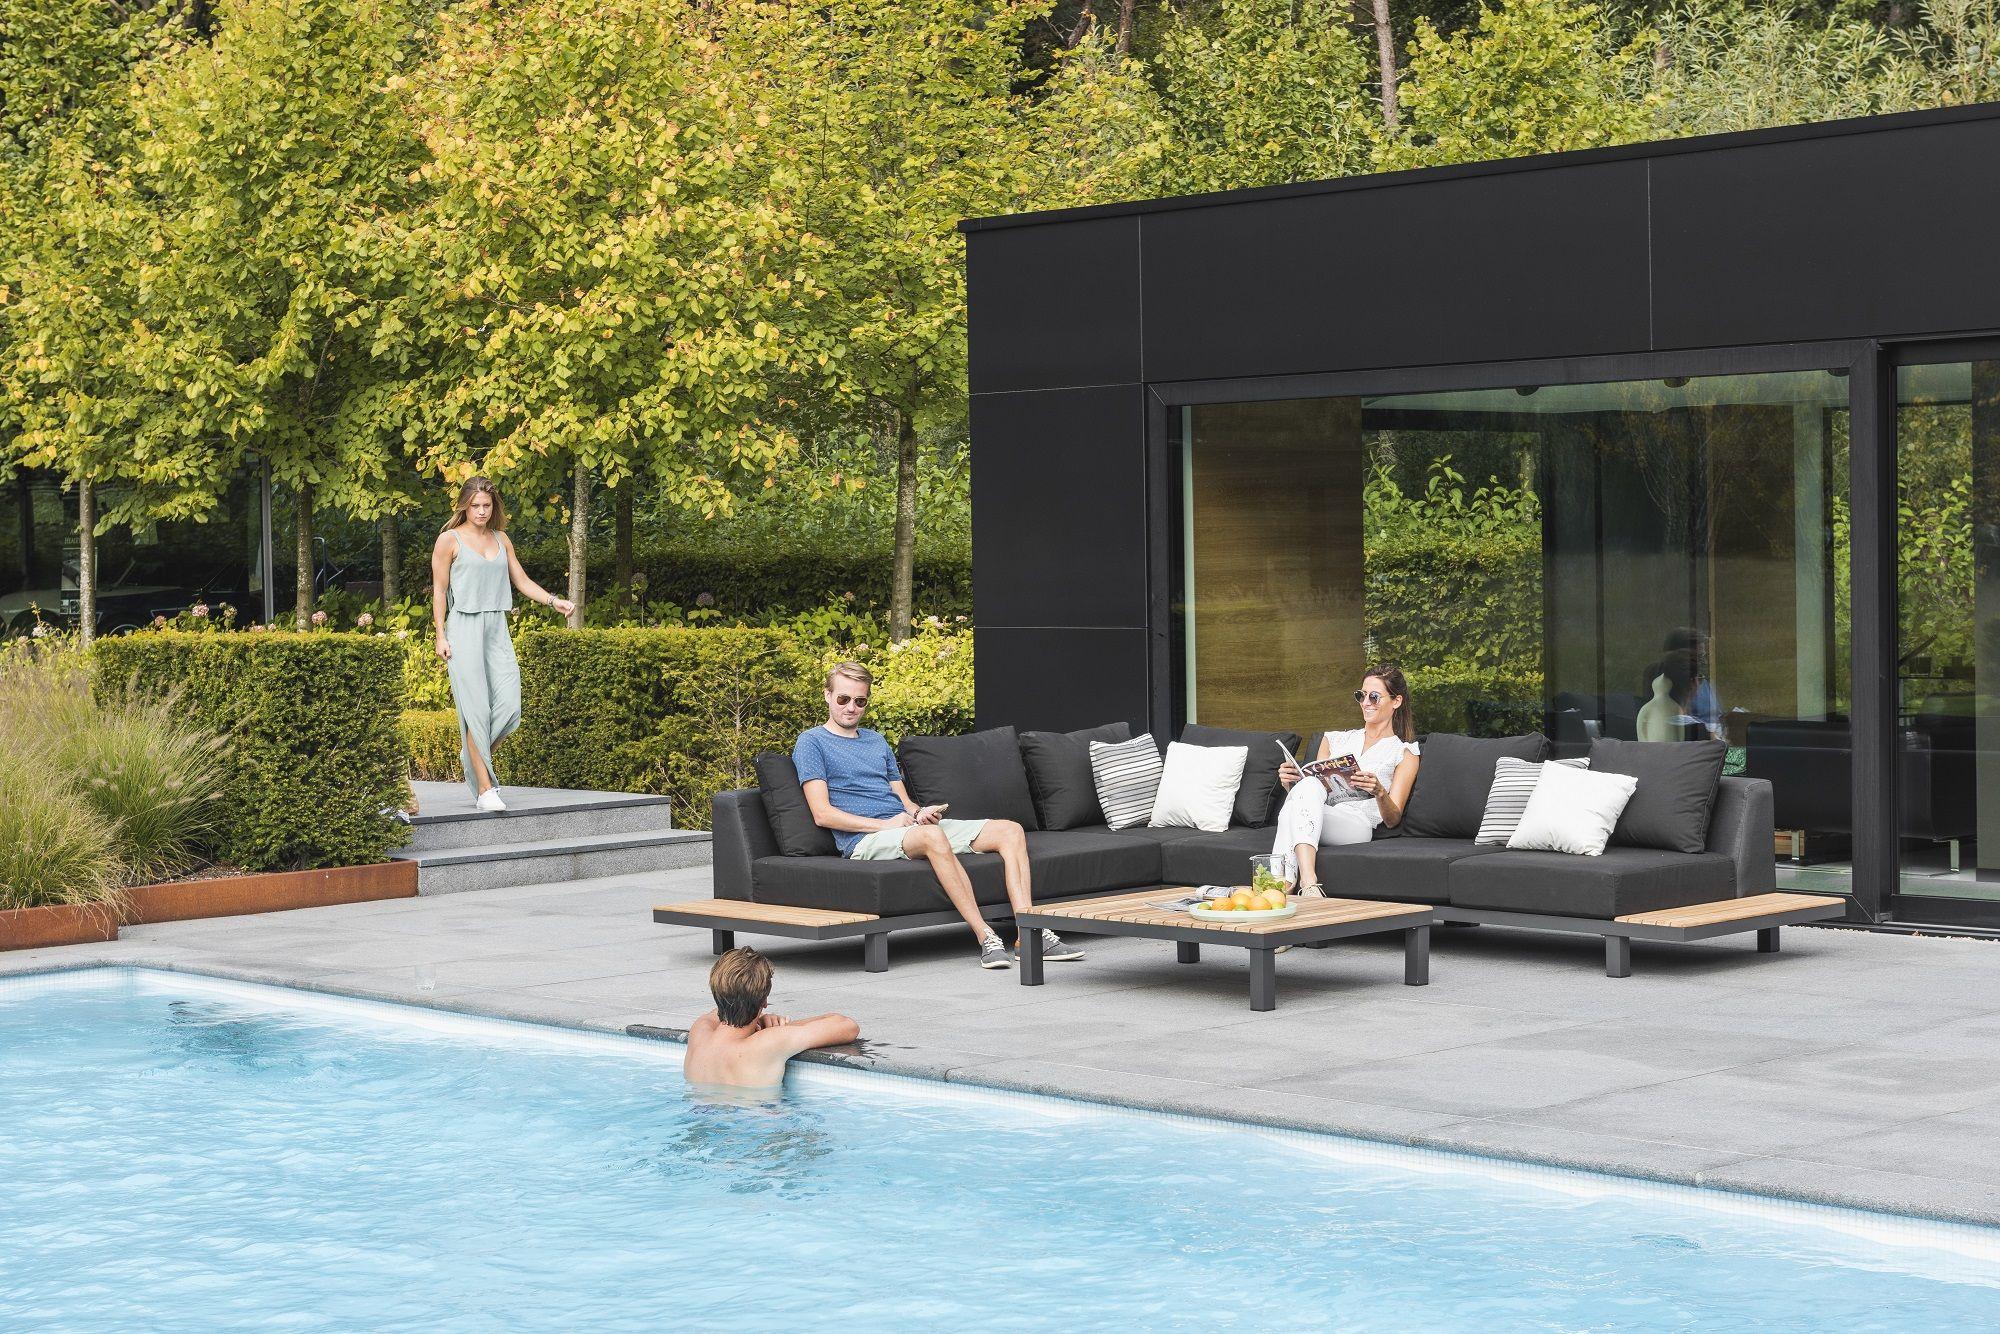 Loungeset Hawai Aluminium In Combinatie Met Teak | Gescova ... tout Salon De Jardin Hawai